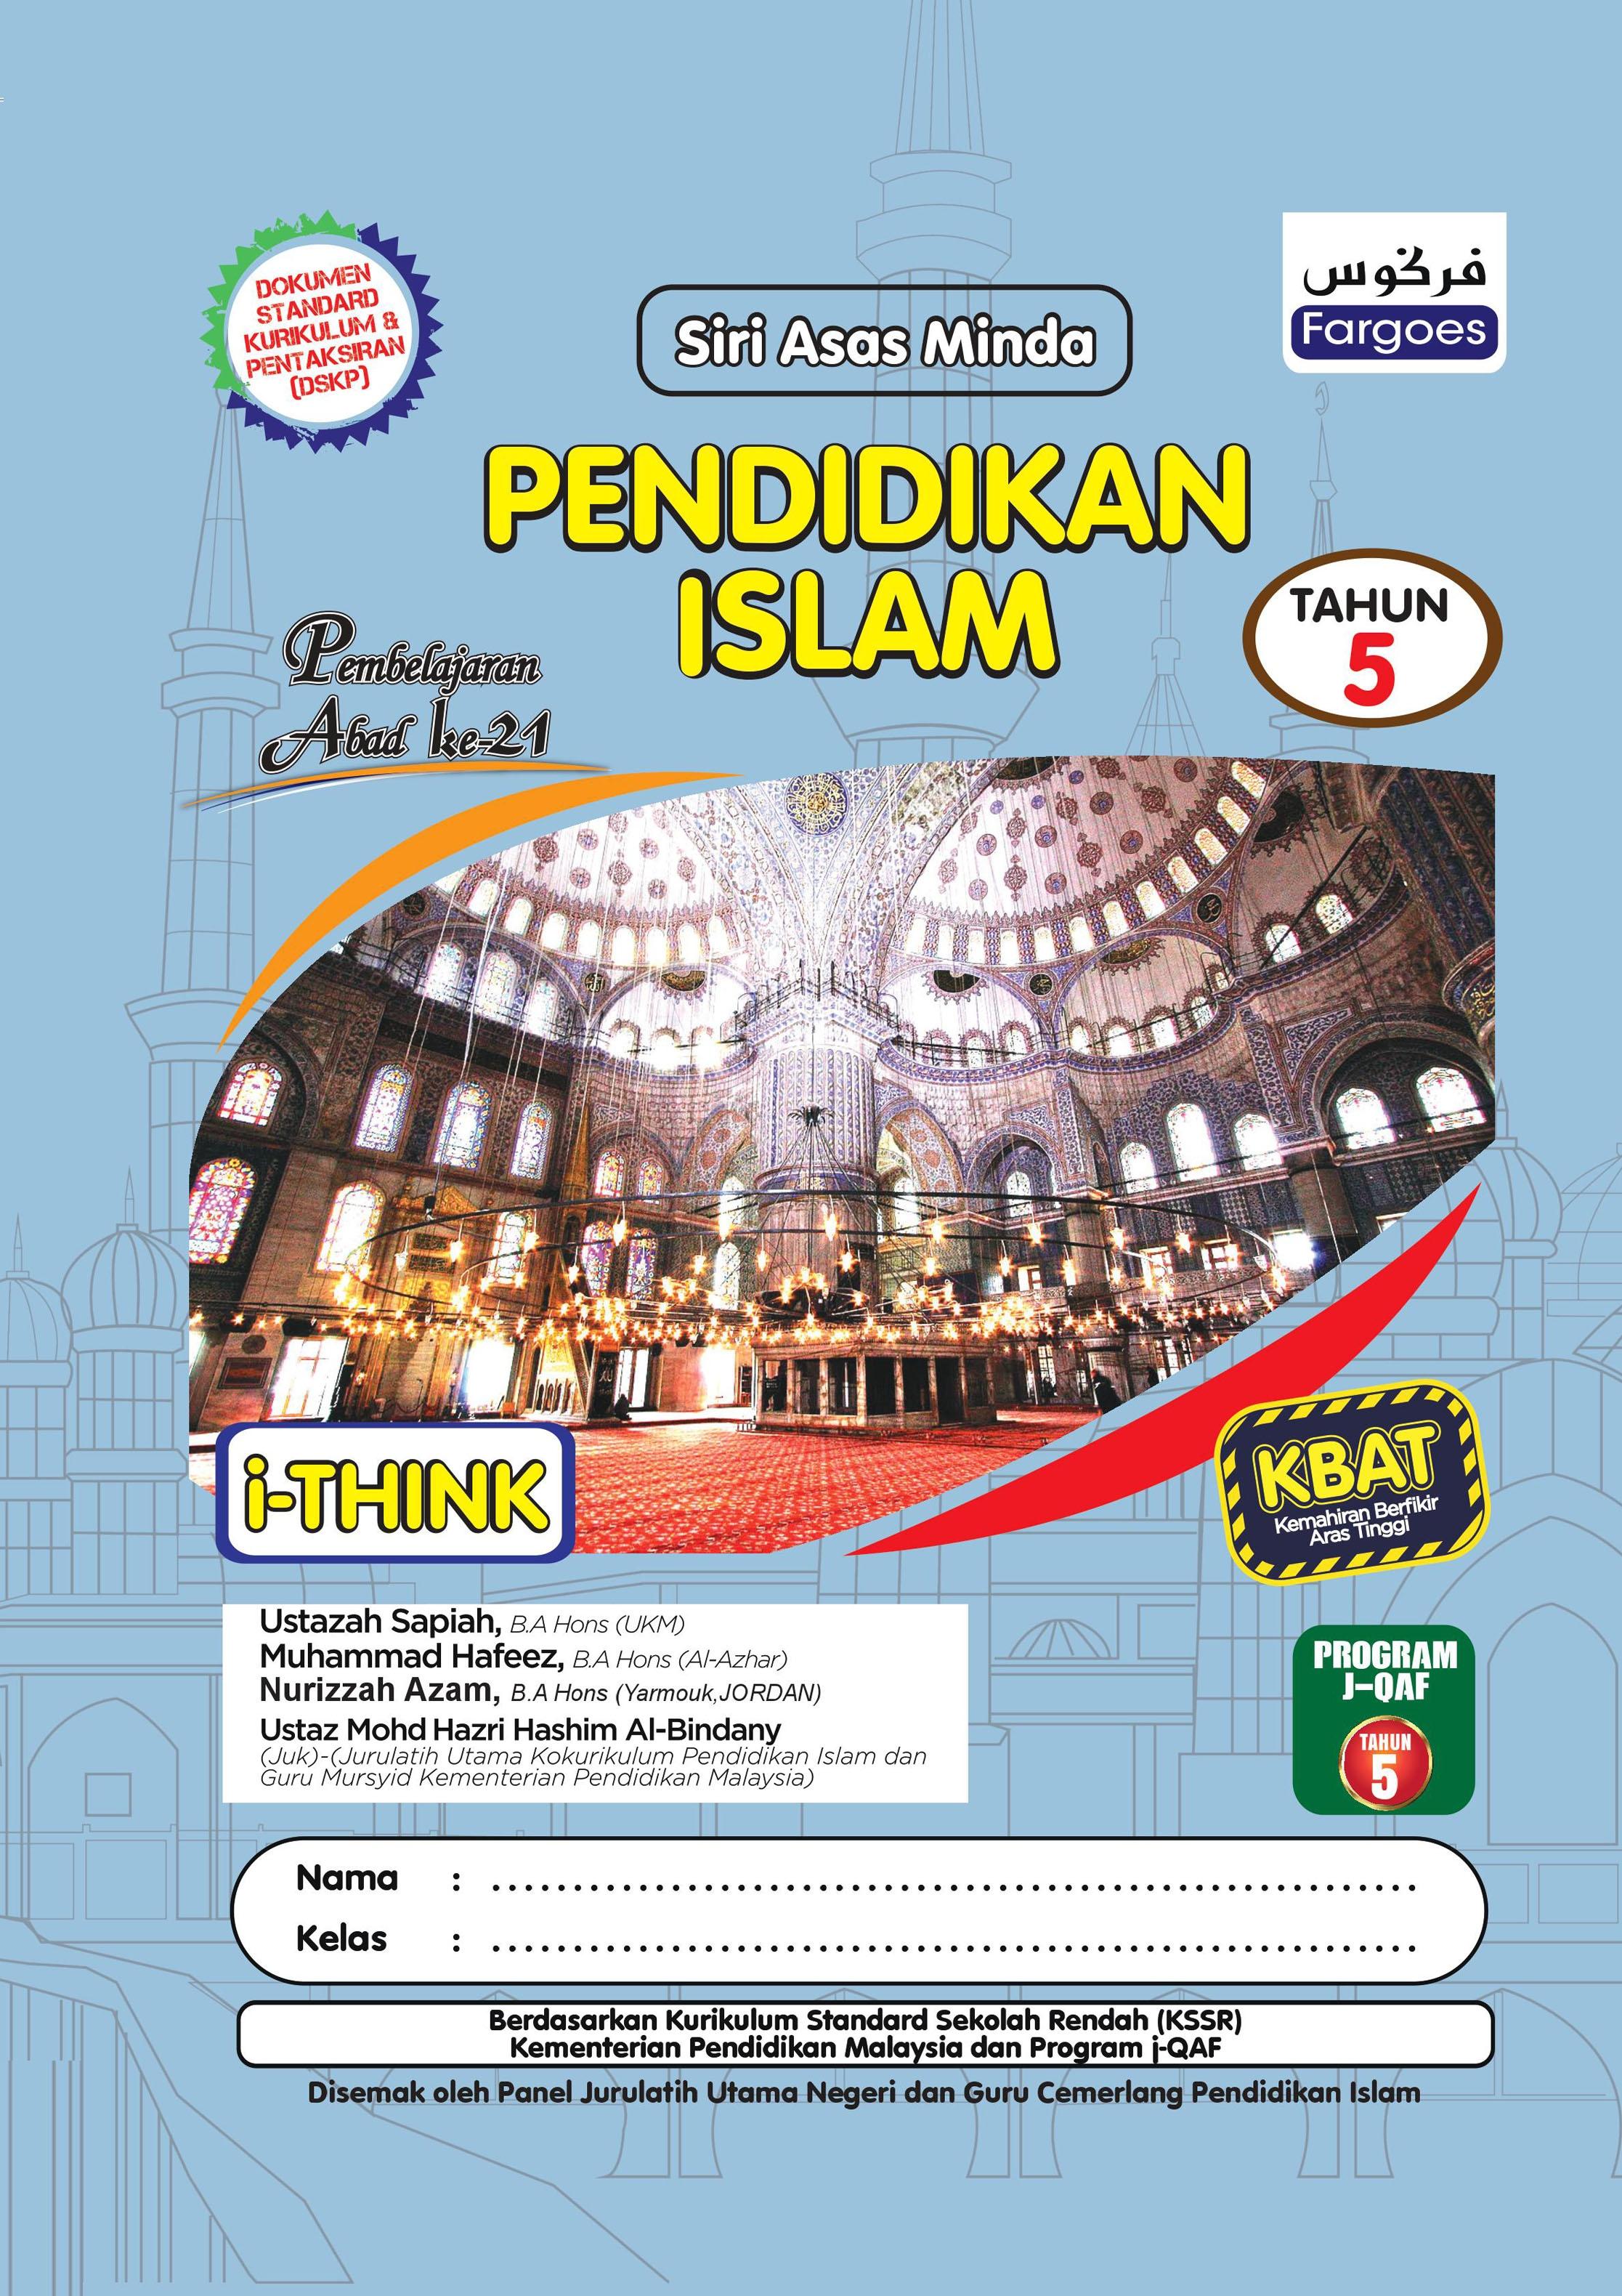 Download Dskp Bahasa Melayu Tahun 5 Bermanfaat Pendidikan islam Tahun 5 Fargoes Books Sdn Bhd Of Muat Turun Dskp Bahasa Melayu Tahun 5 Yang Power Khas Untuk Guru-guru Dapatkan